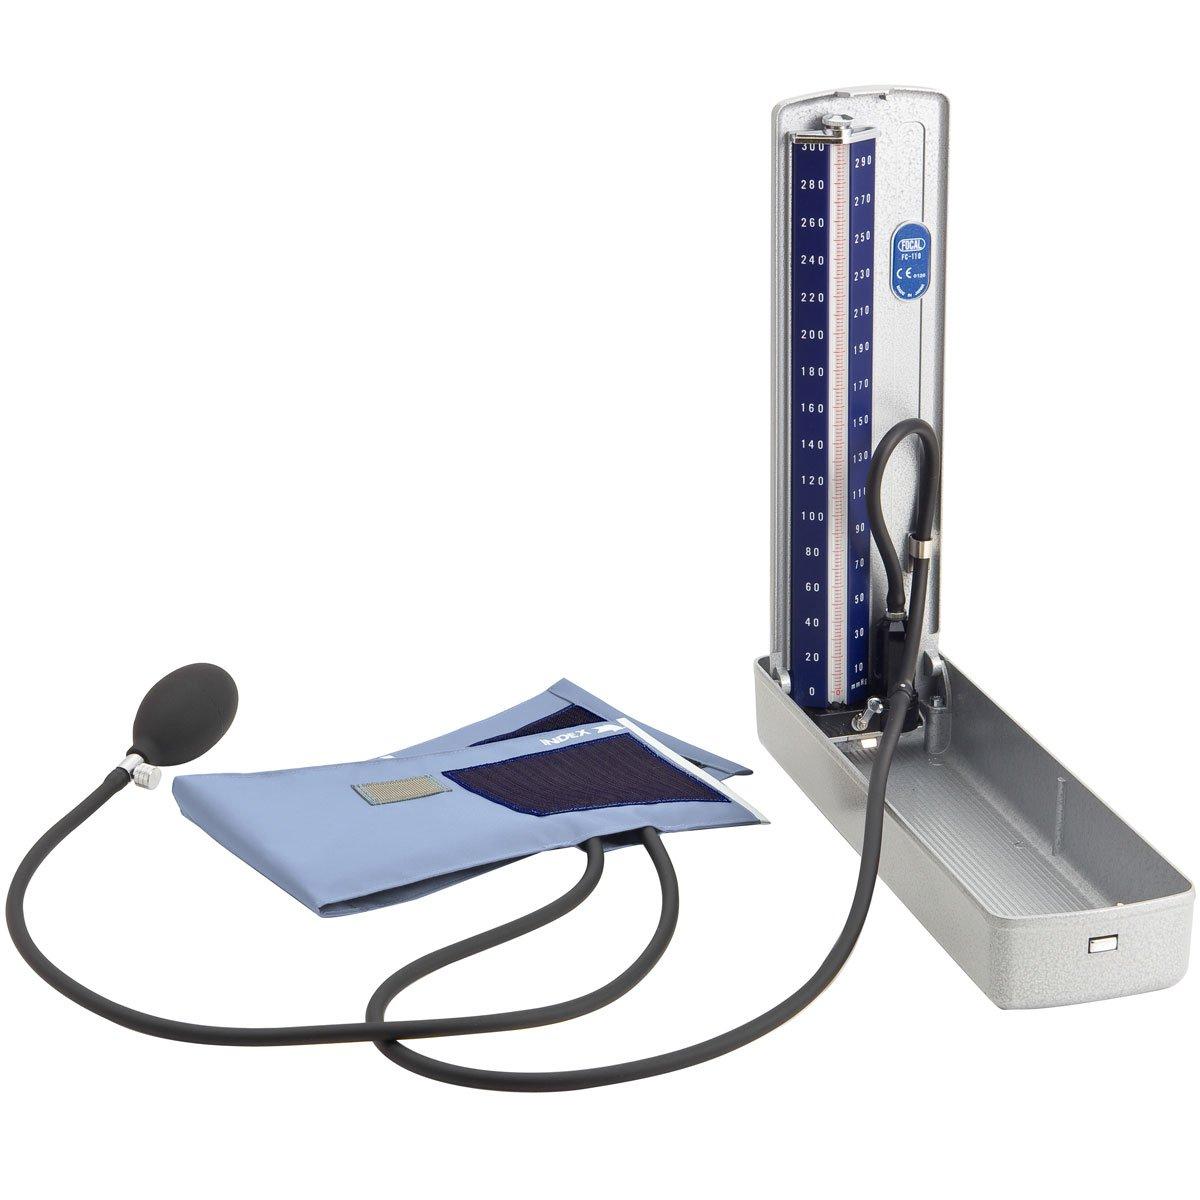 FOCAL デスク型水銀血圧計 FC-110DX ナイロンカフ スカイブルー【4個セット】   B00D1QP8T8